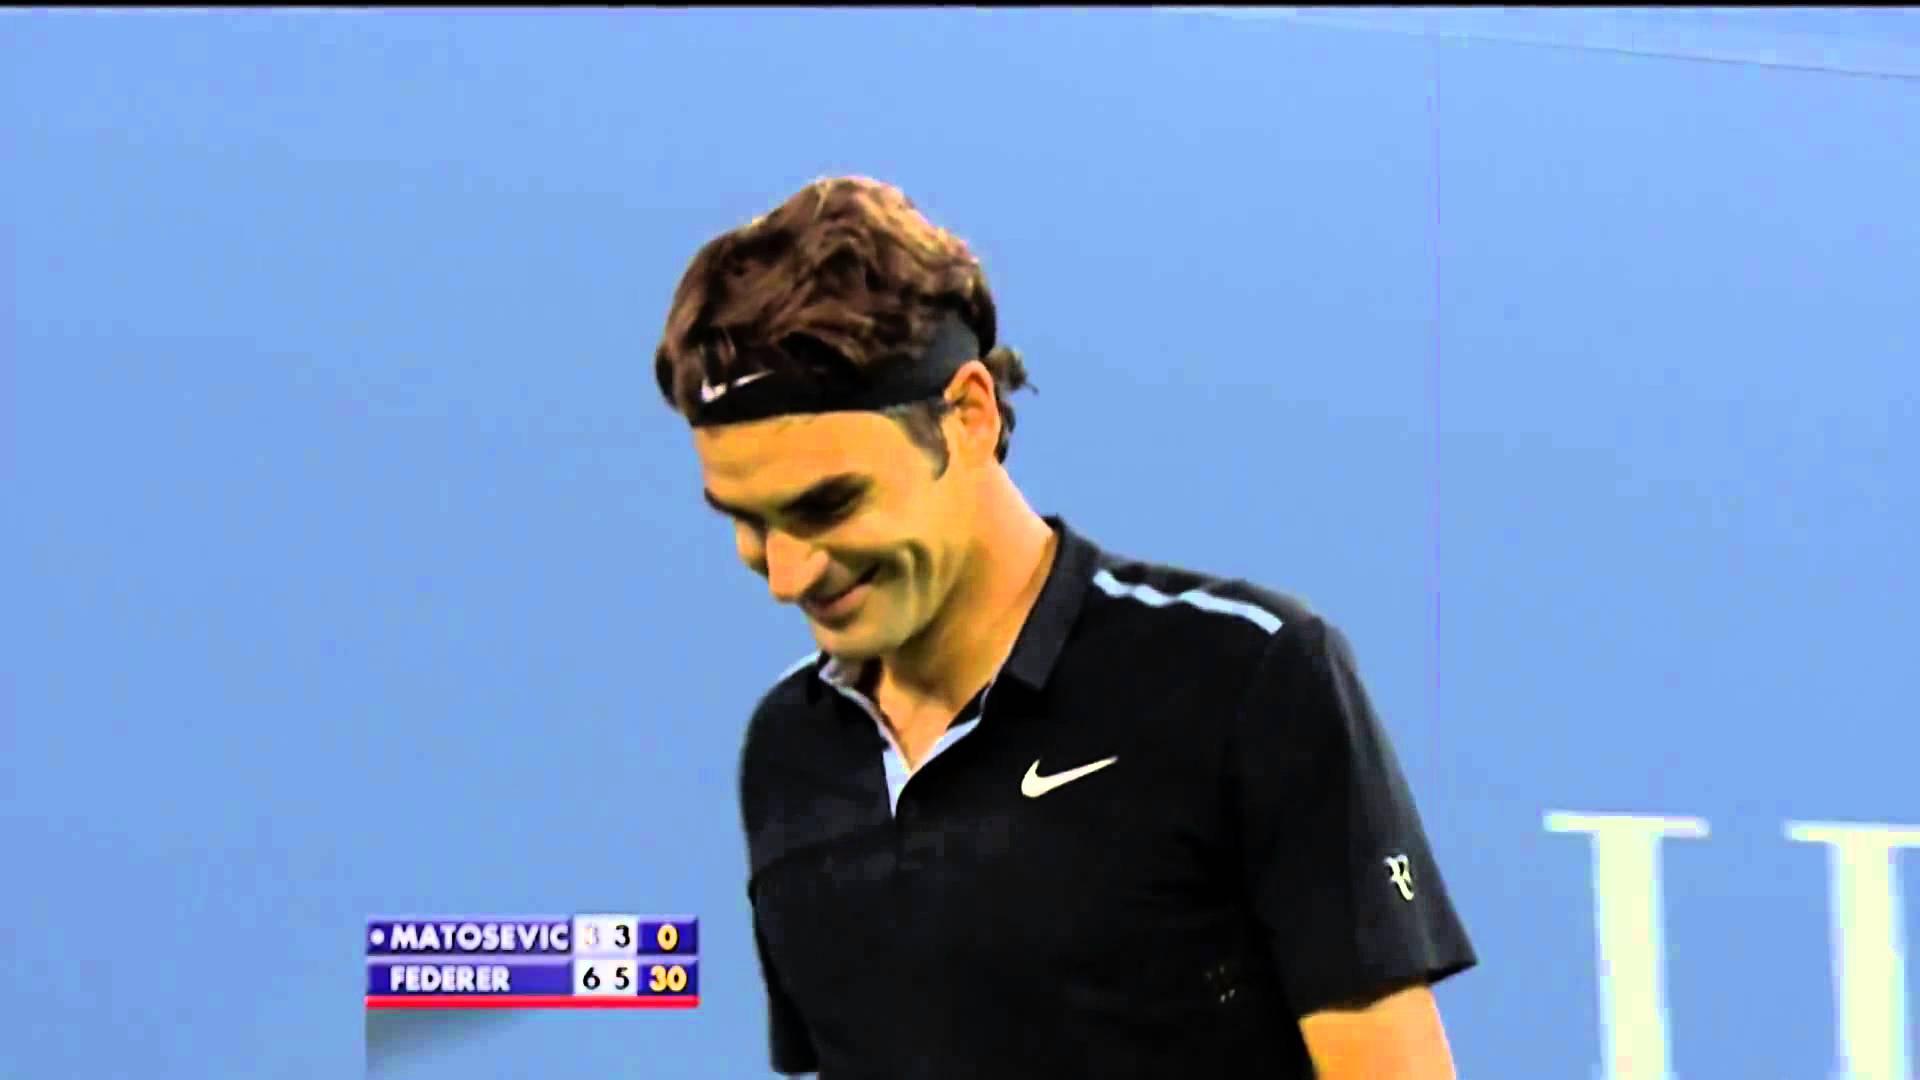 諦めない気持ちが大切ということを教えてくれるテニスの試合